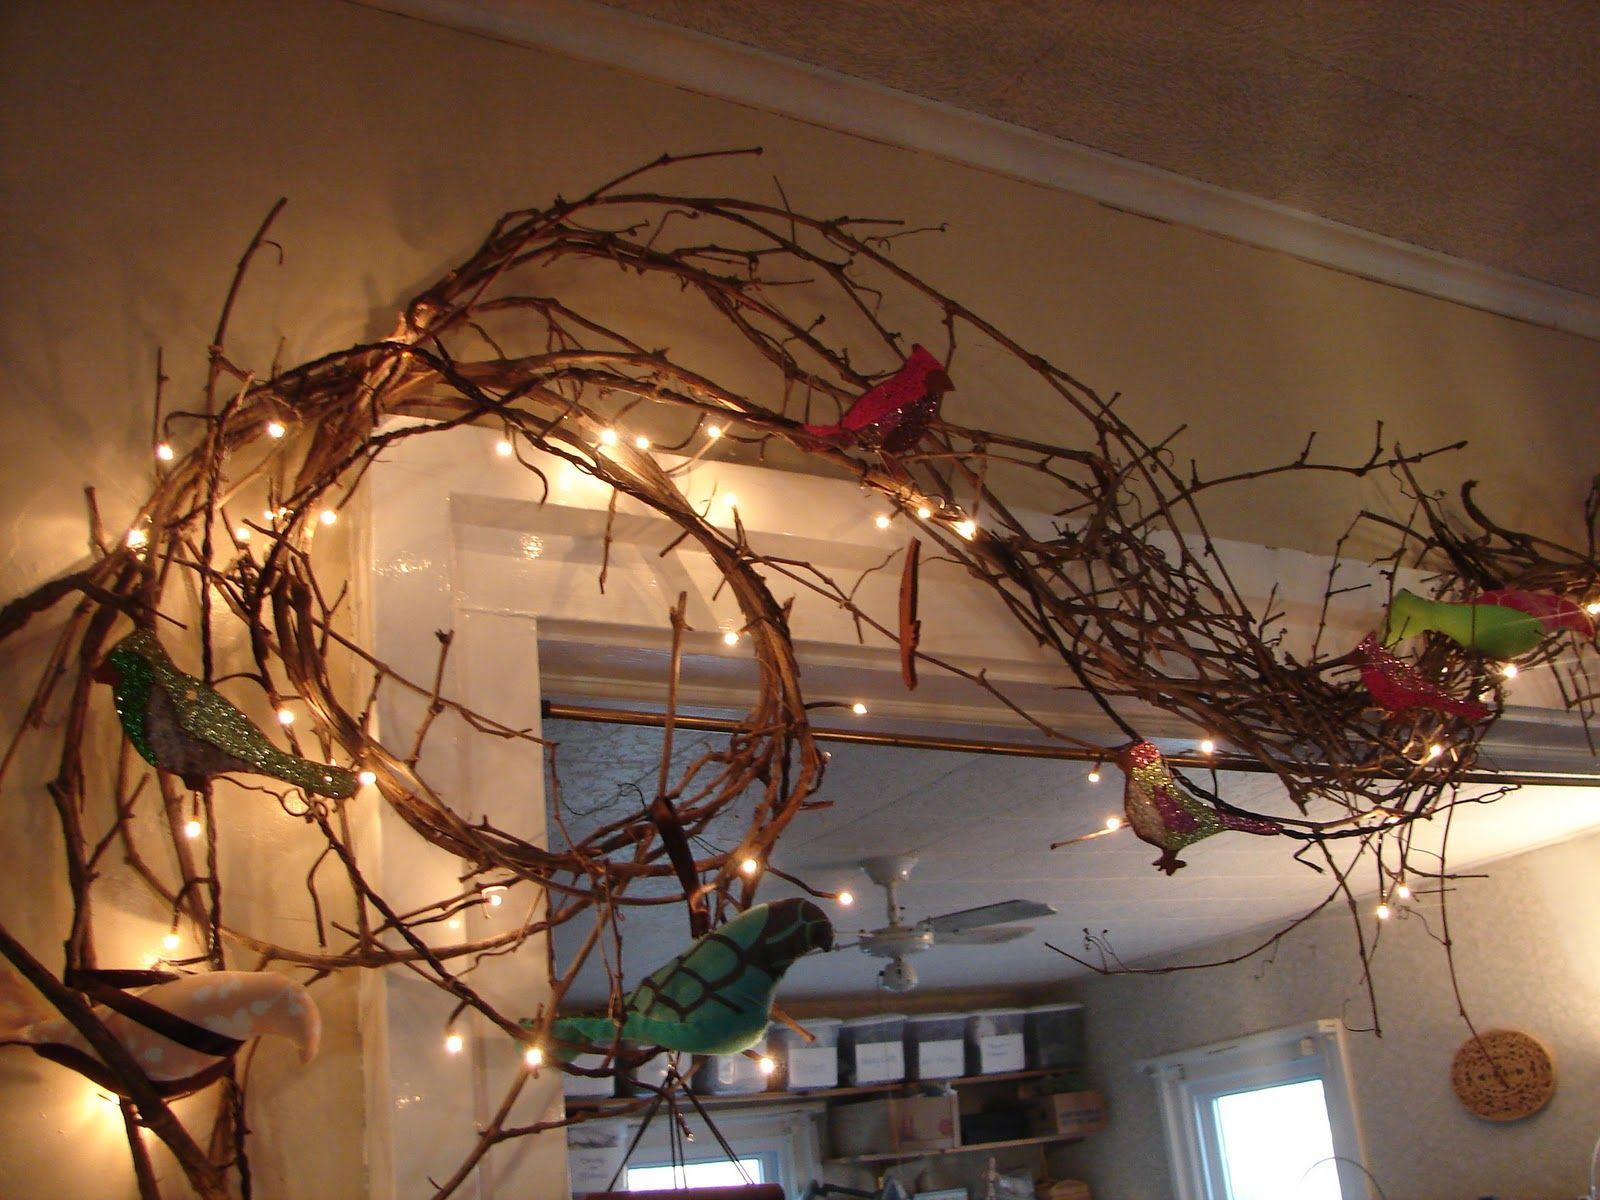 Whimsical And Shiny My Christmas Decorations Christmas